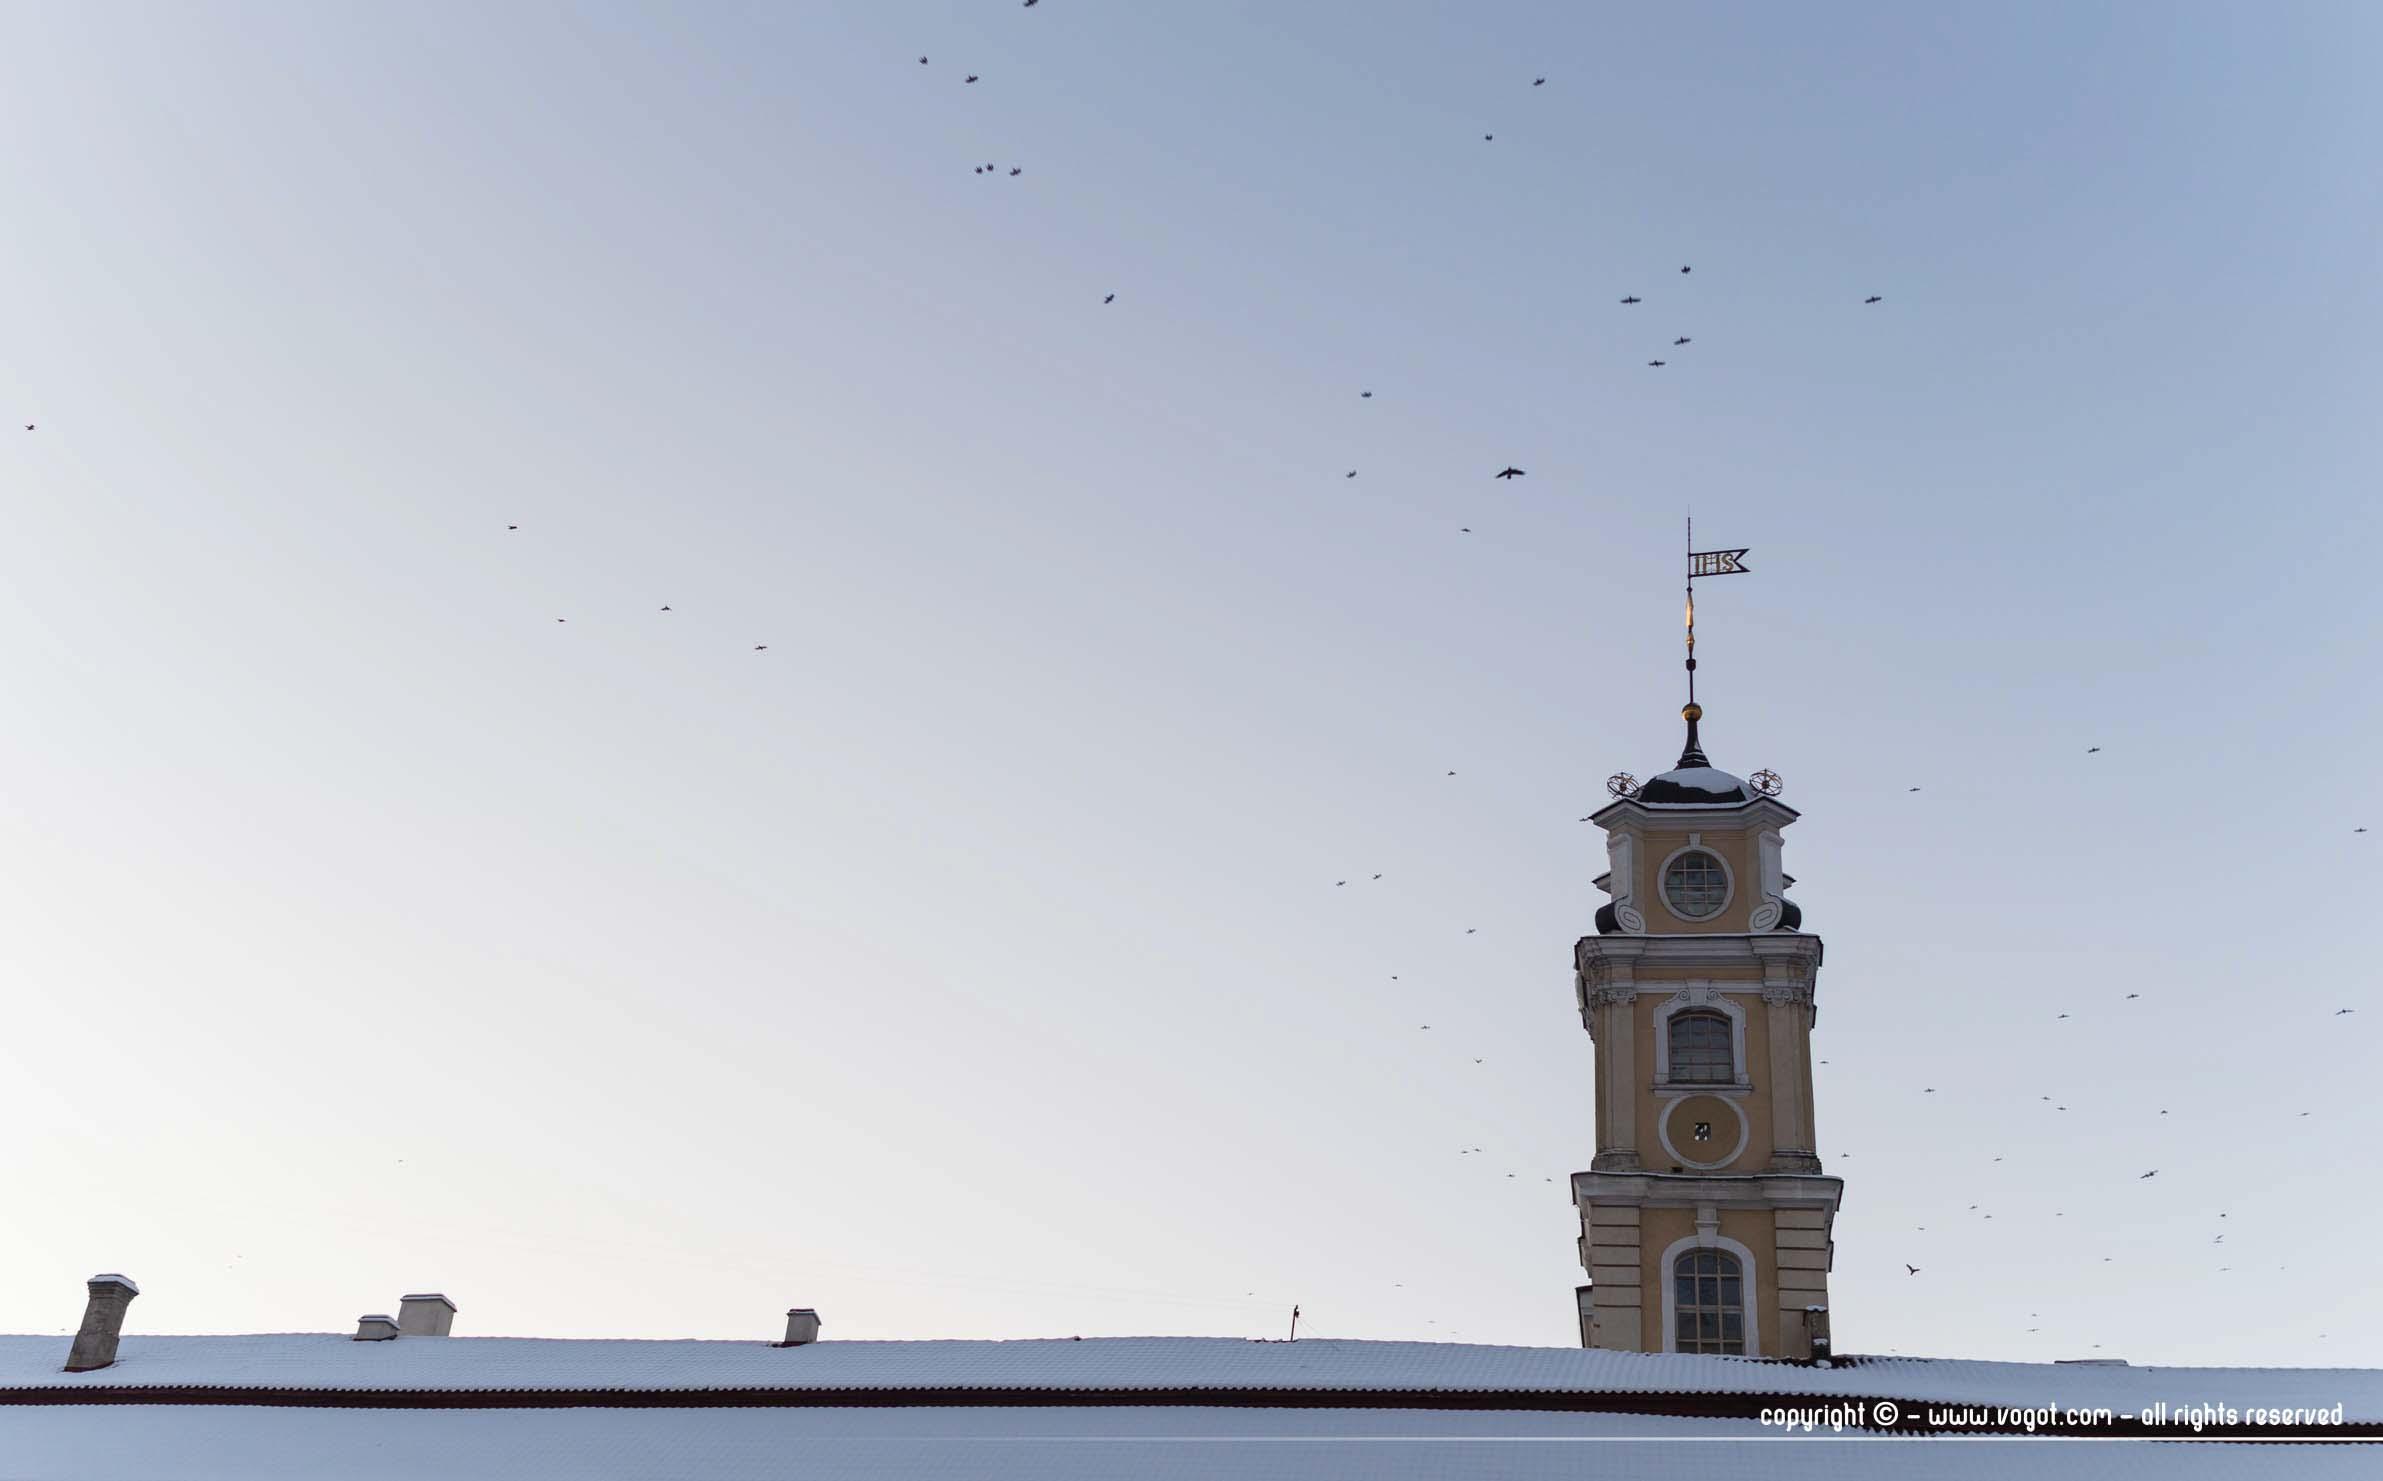 une semaine à Vilnius - L'Université de Vinius